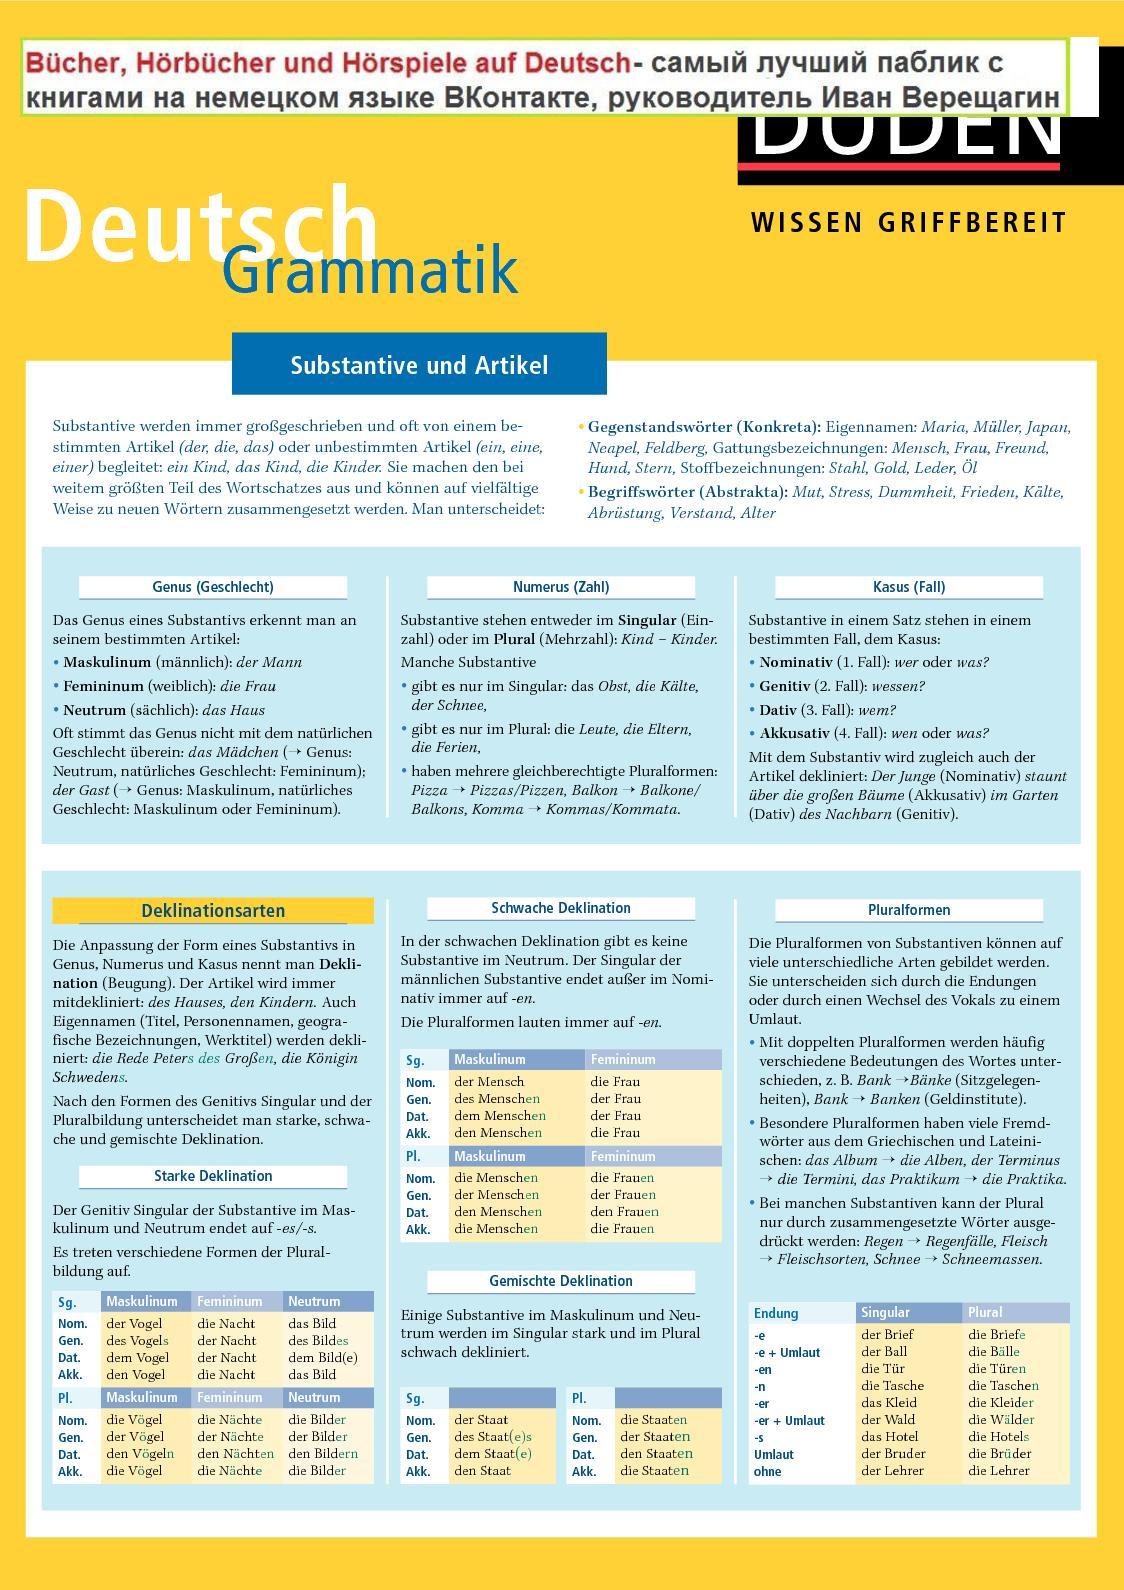 GRAMMATISCHER BEGRIFF KASUS - Lsung mit 4 Buchstaben